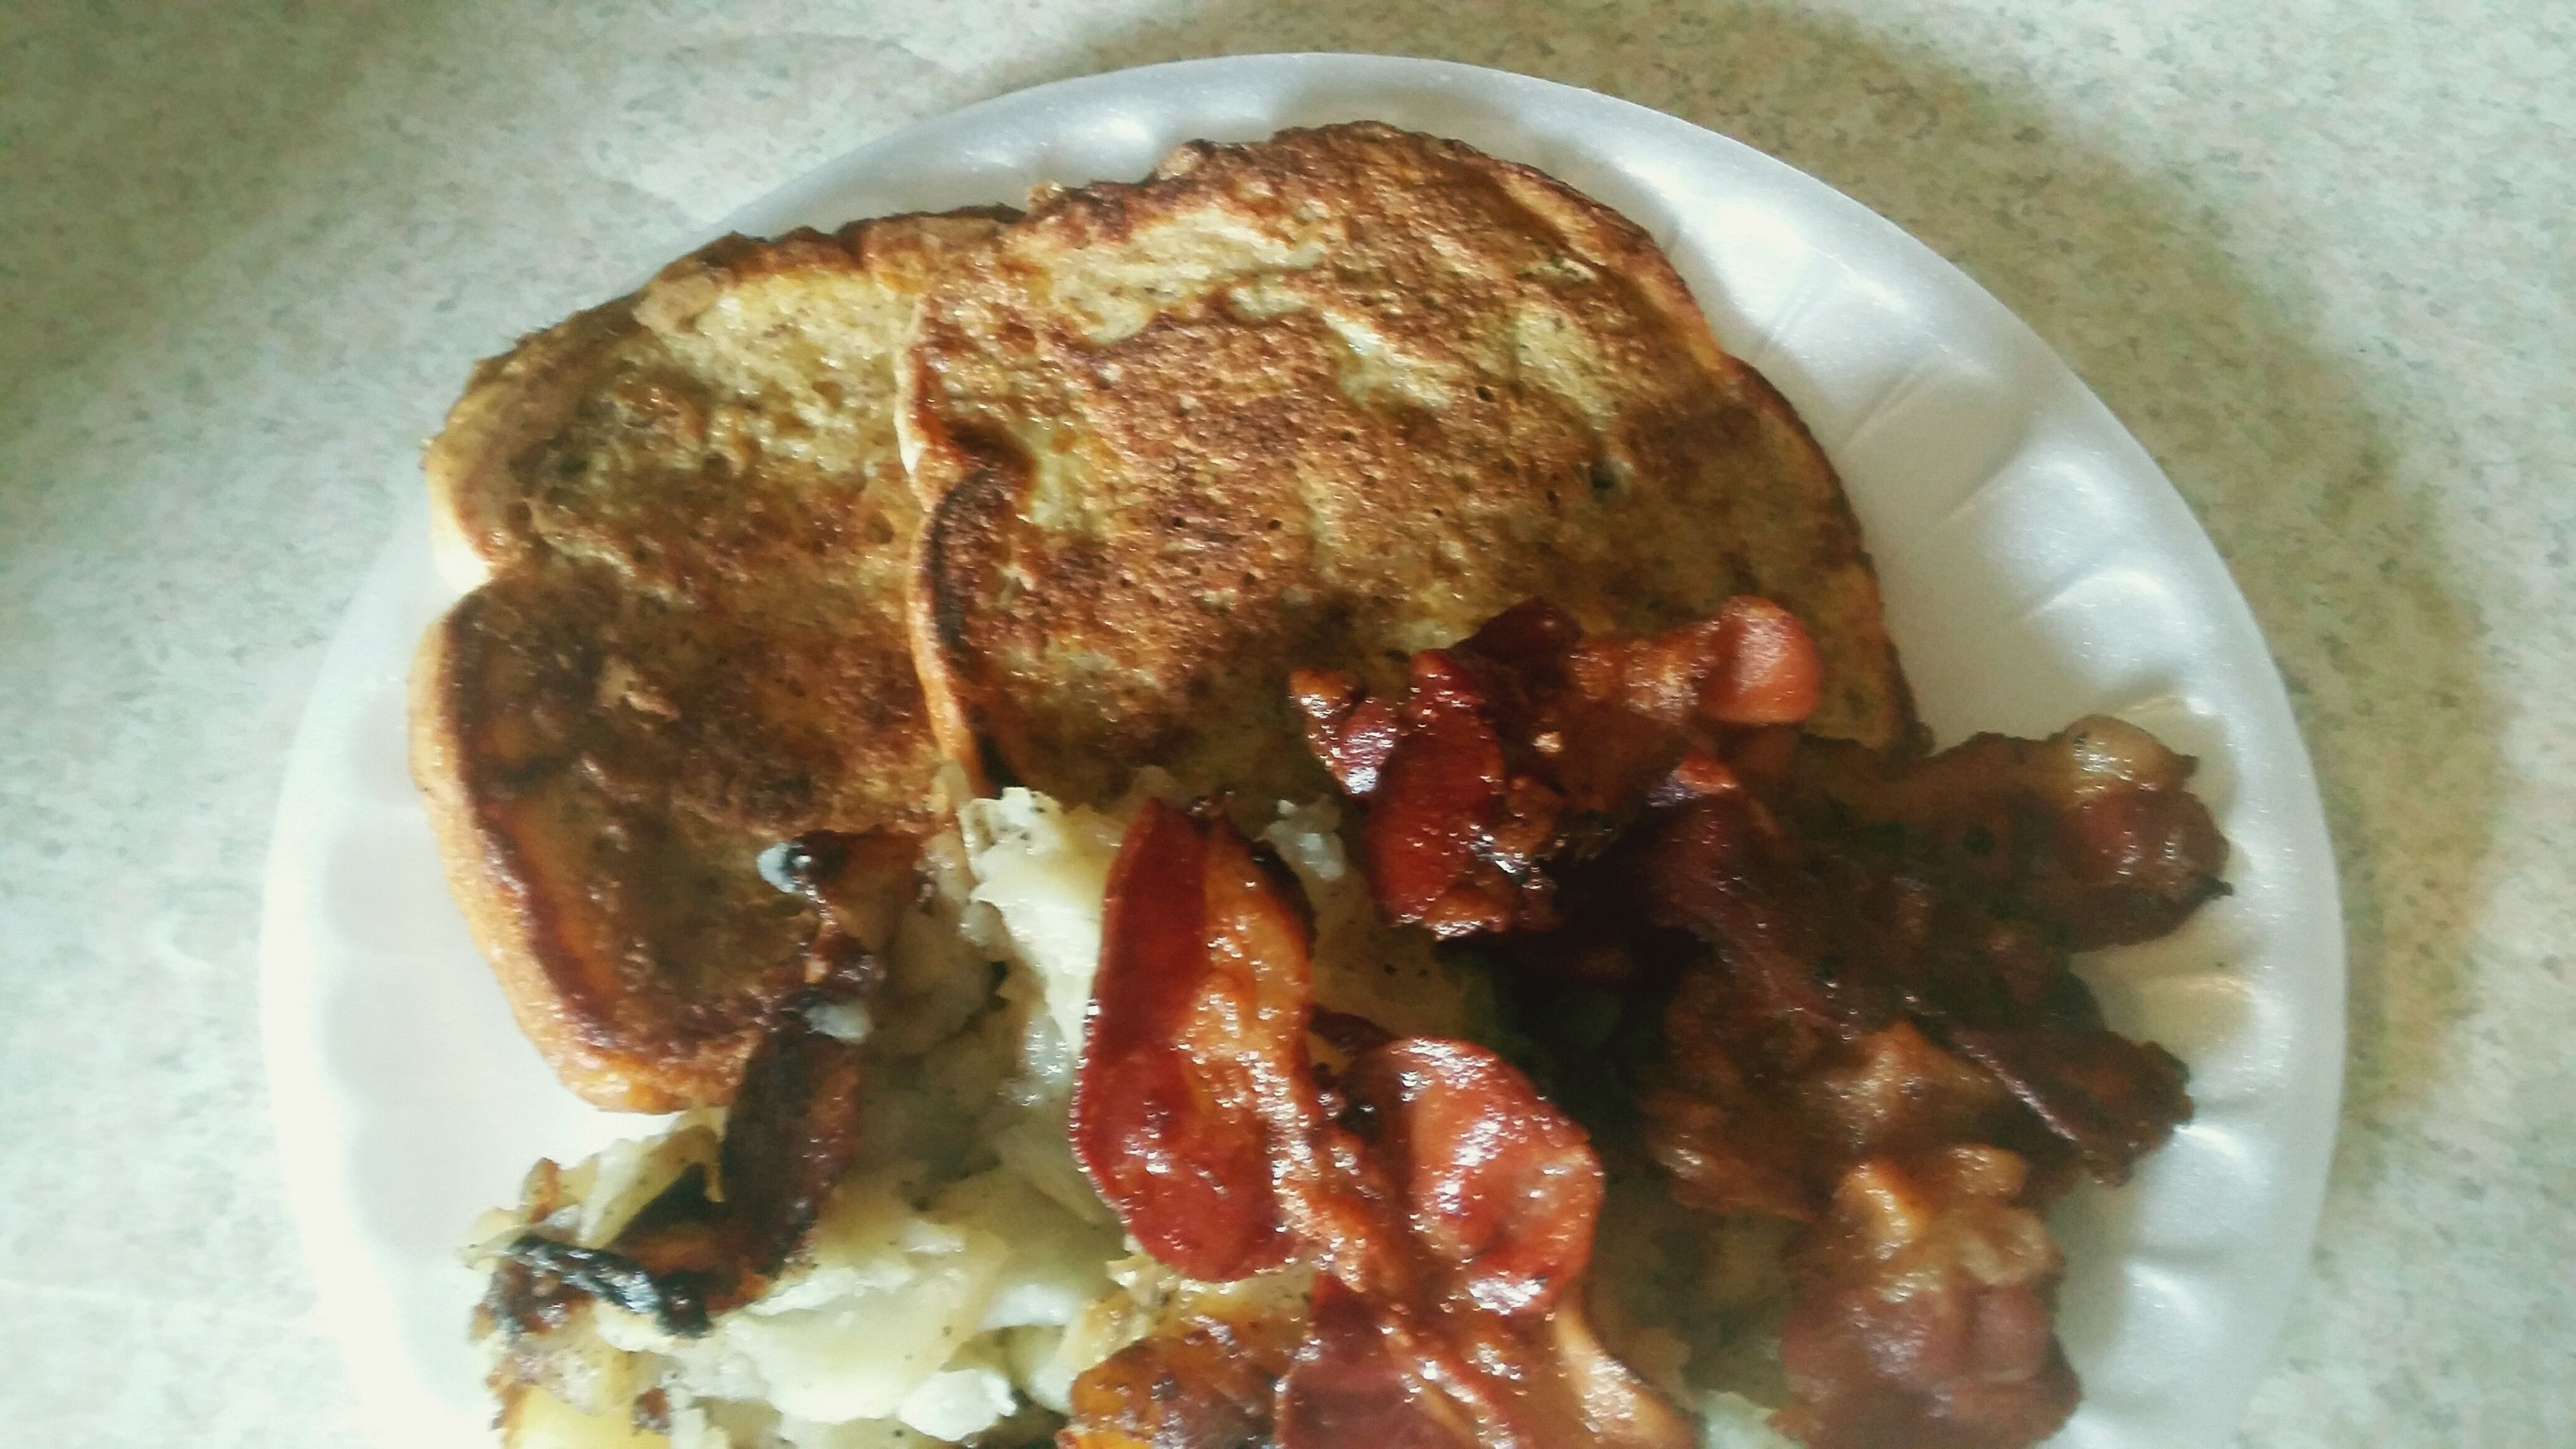 Breakfastspecial